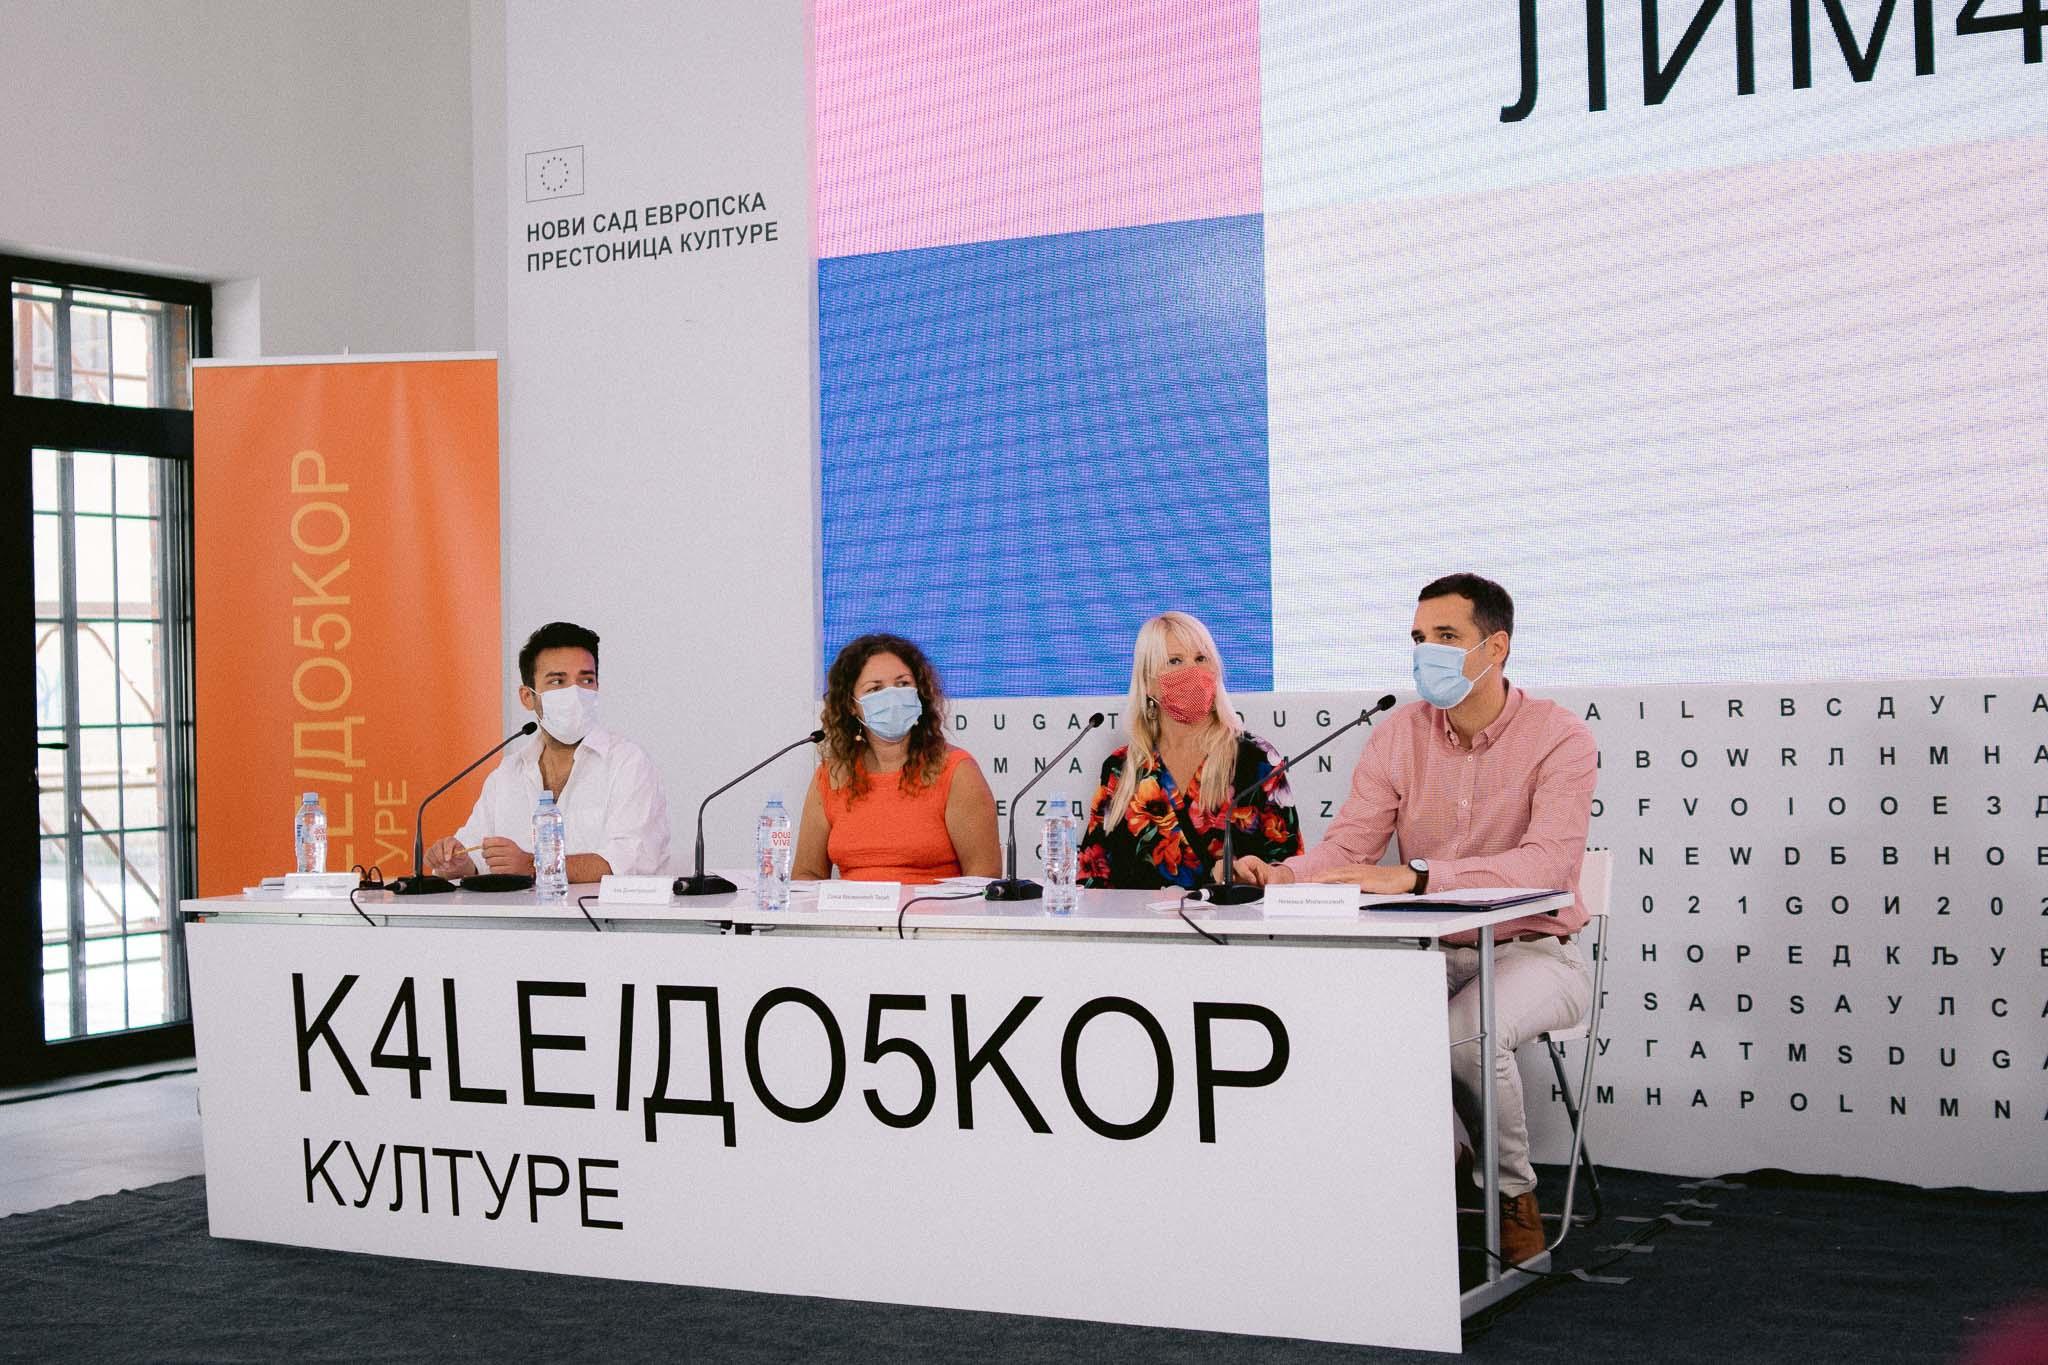 V.VelickovicSep01.006